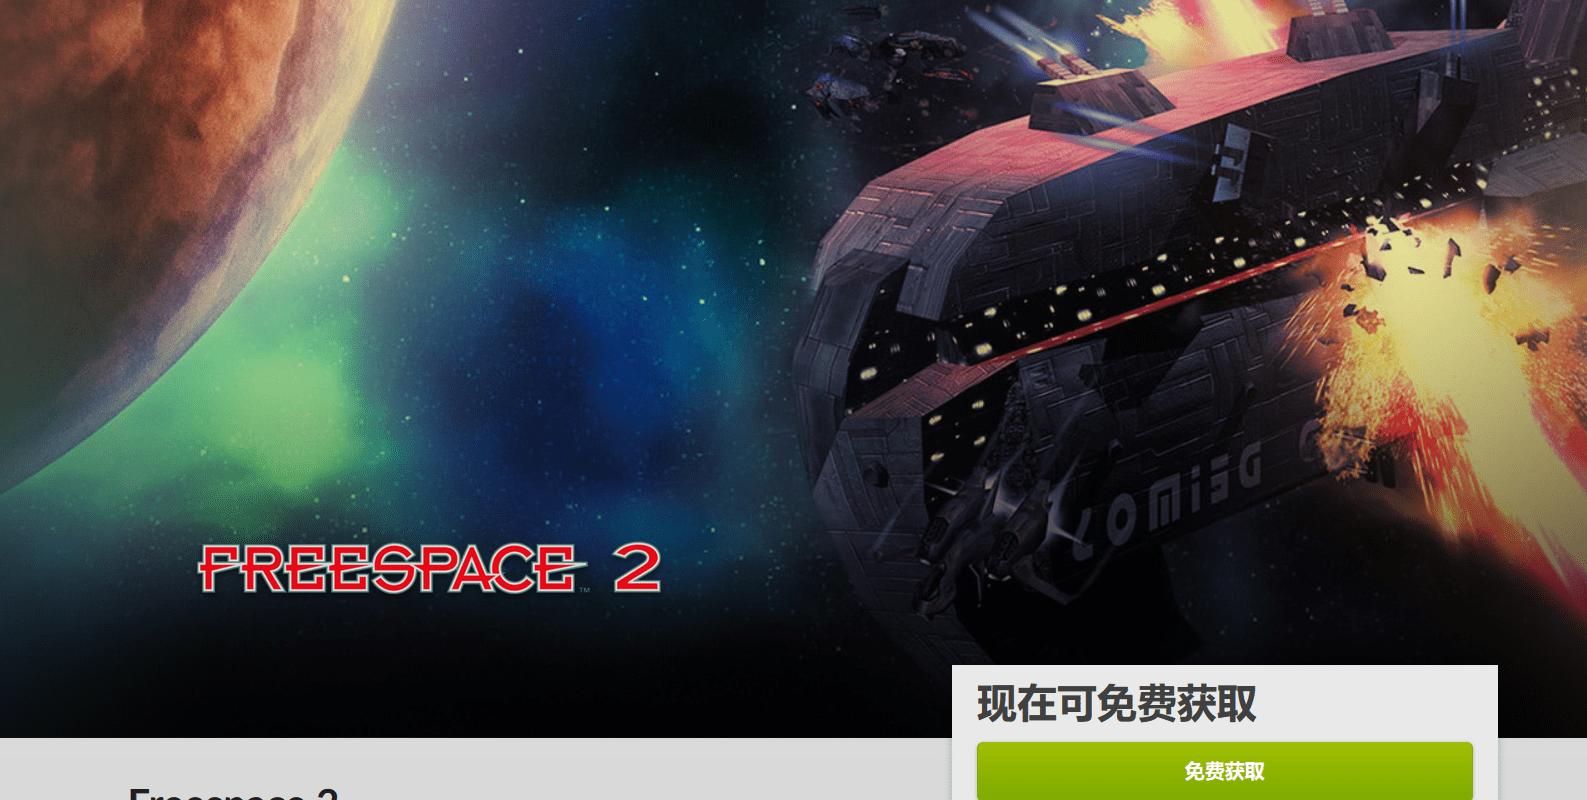 GOG平台喜加一《自由空间2》-限时免费领取